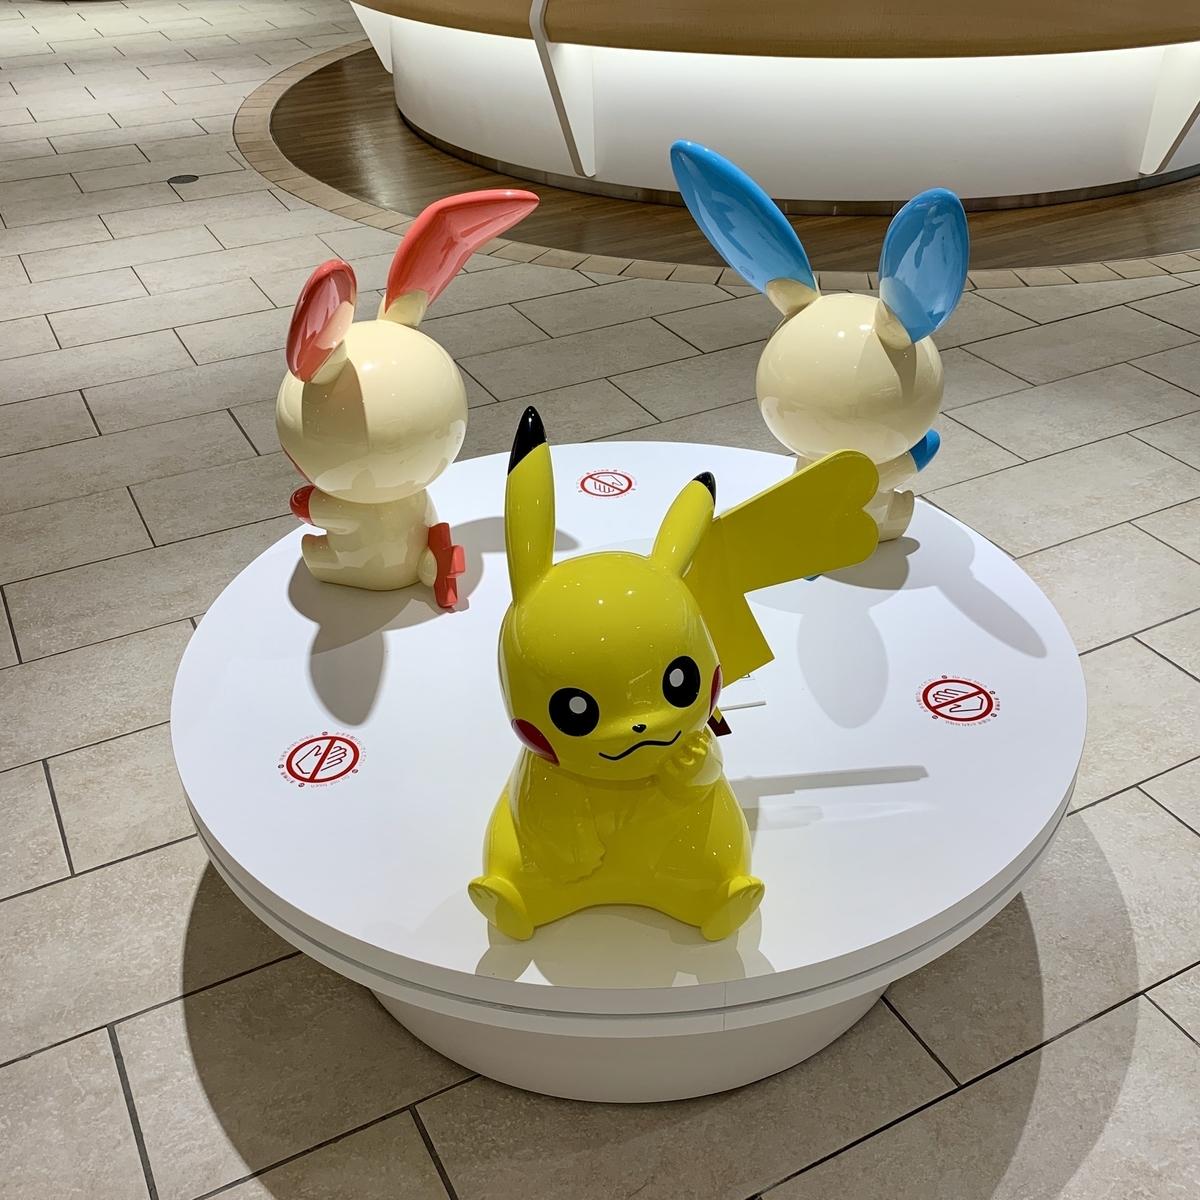 f:id:pikachu_pcn:20200606185503j:plain